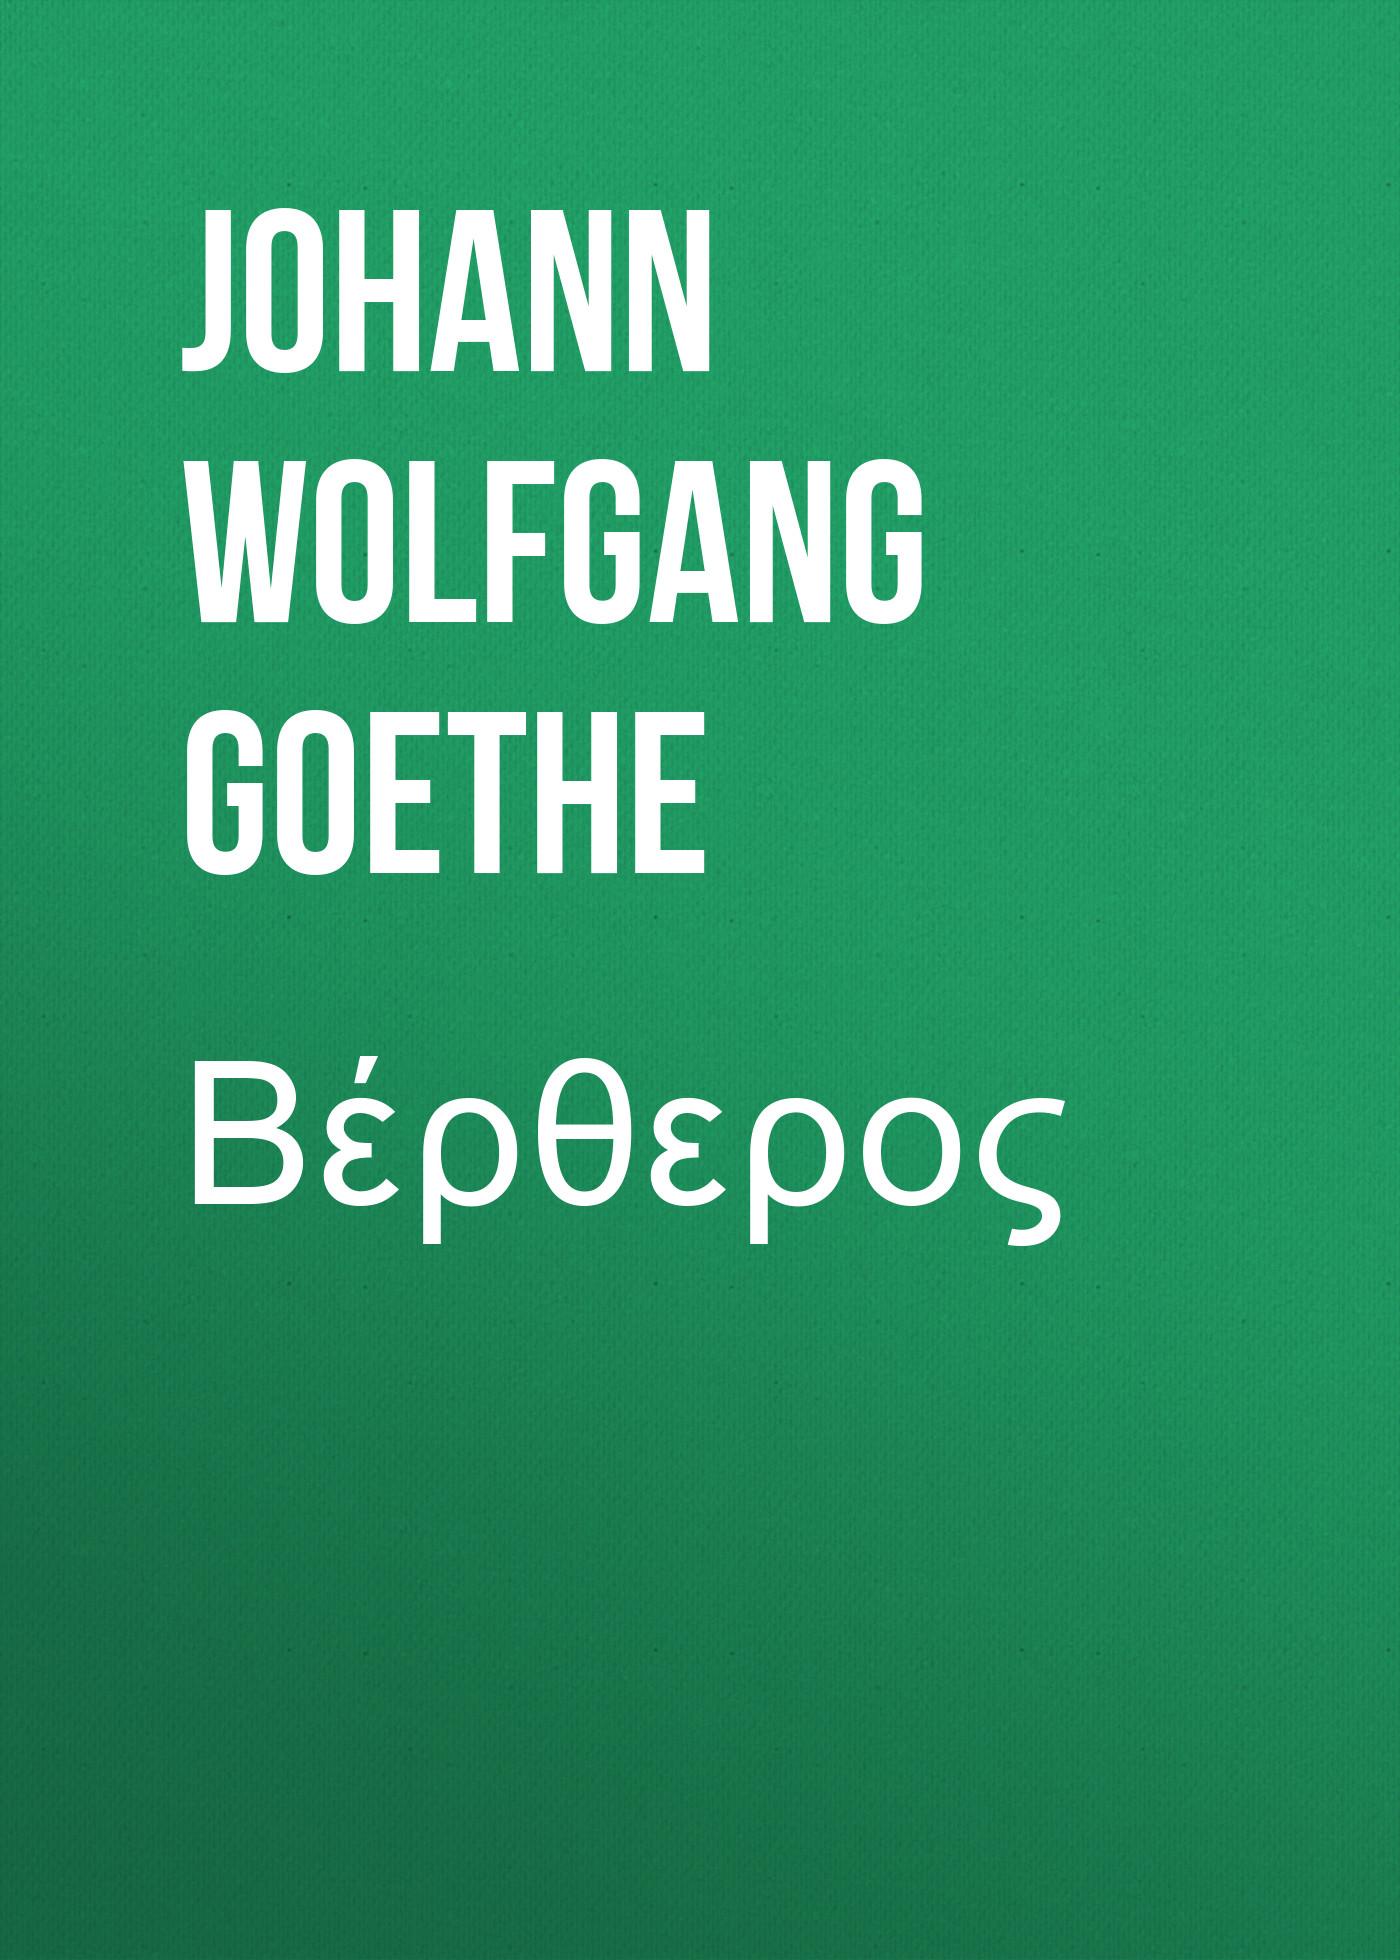 Иоганн Вольфганг фон Гёте Βέρθερος иоганн вольфганг фон гёте прометей